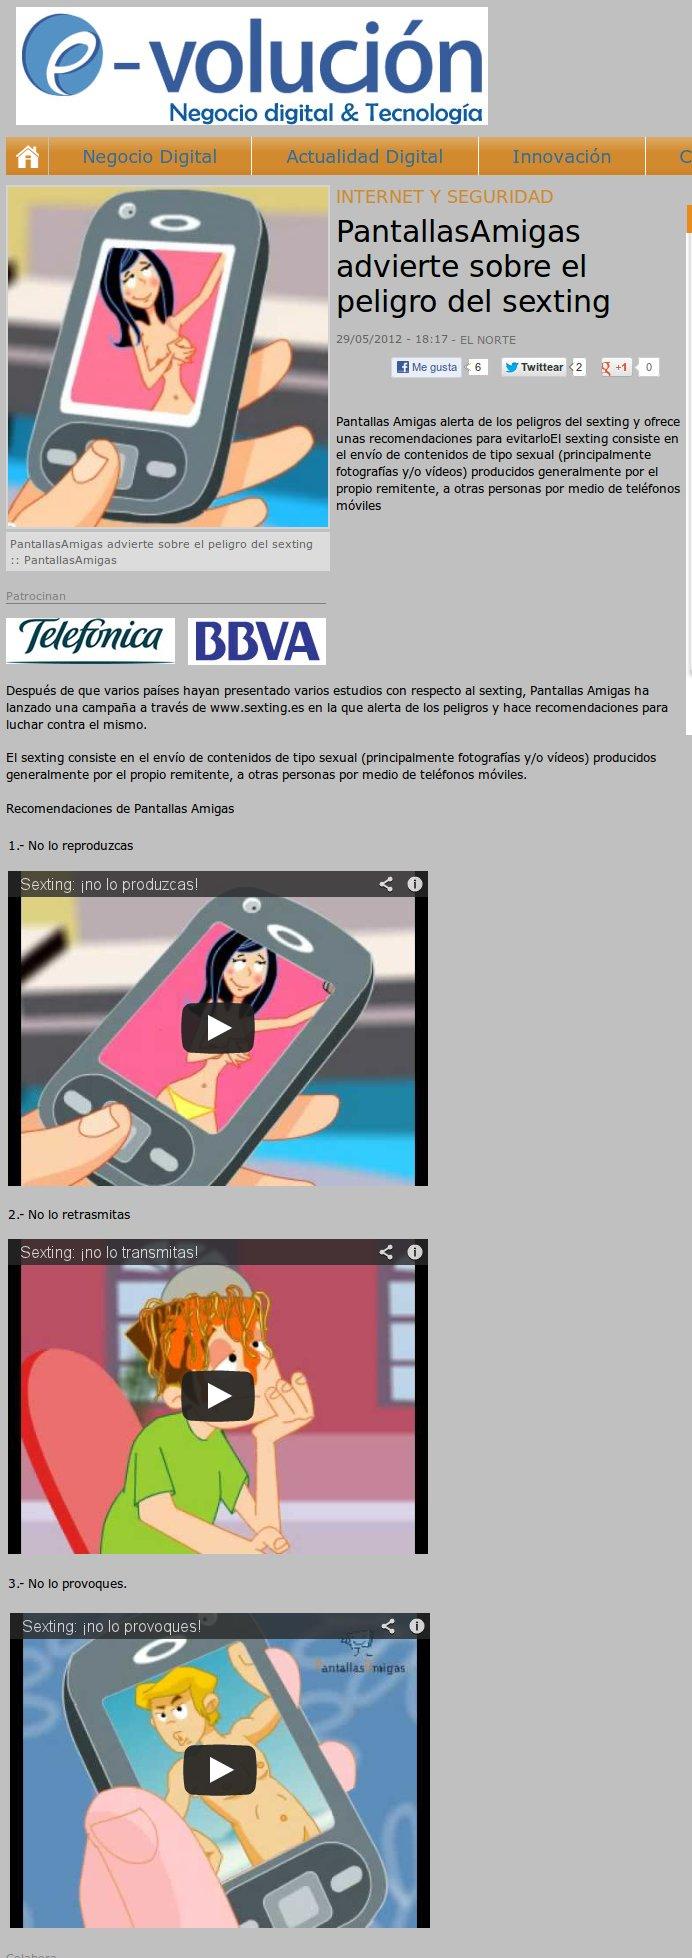 PantallasAmigas advierte sobre el peligro del sexting